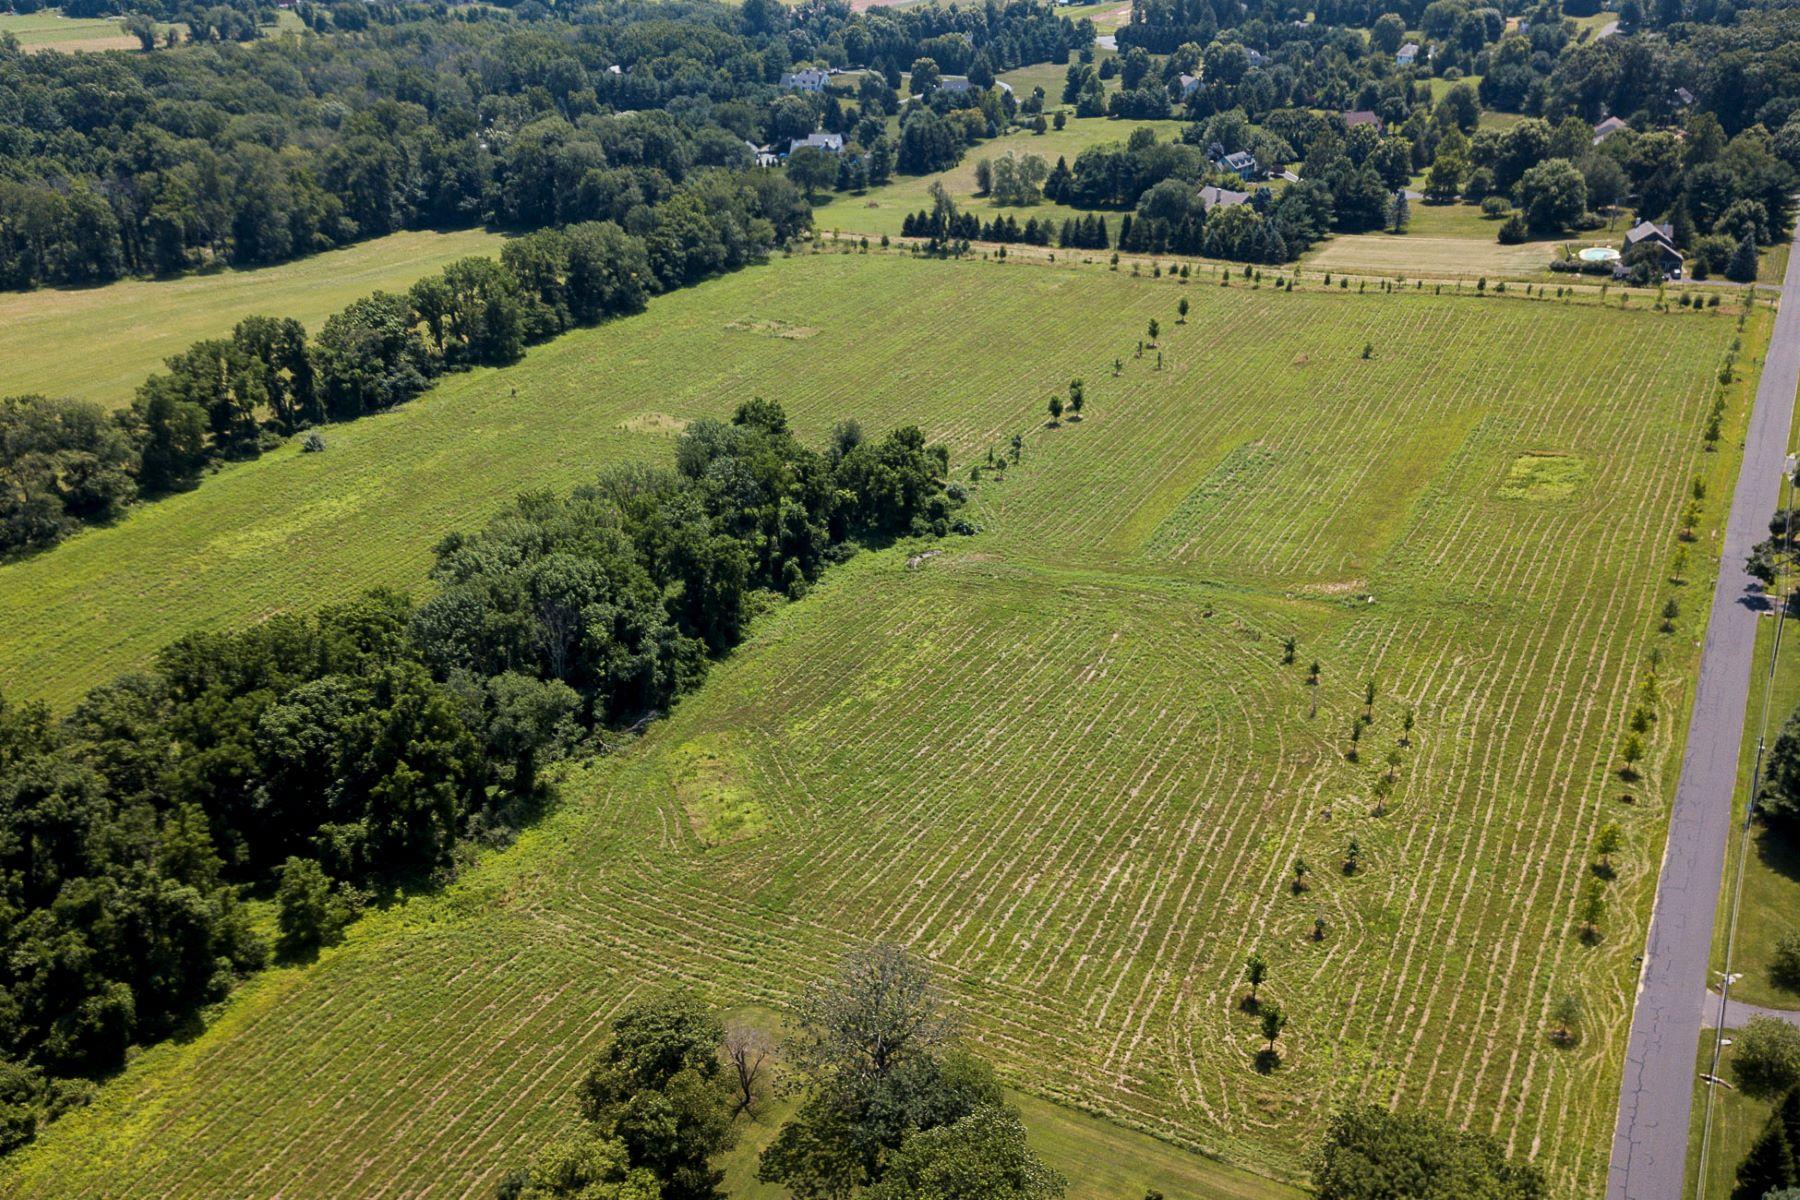 Οικόπεδο για την Πώληση στο Stunning Location 6095 Stovers Mill, Lot 4, Doylestown, Πενσιλβανια 18901 Ηνωμένες Πολιτείες